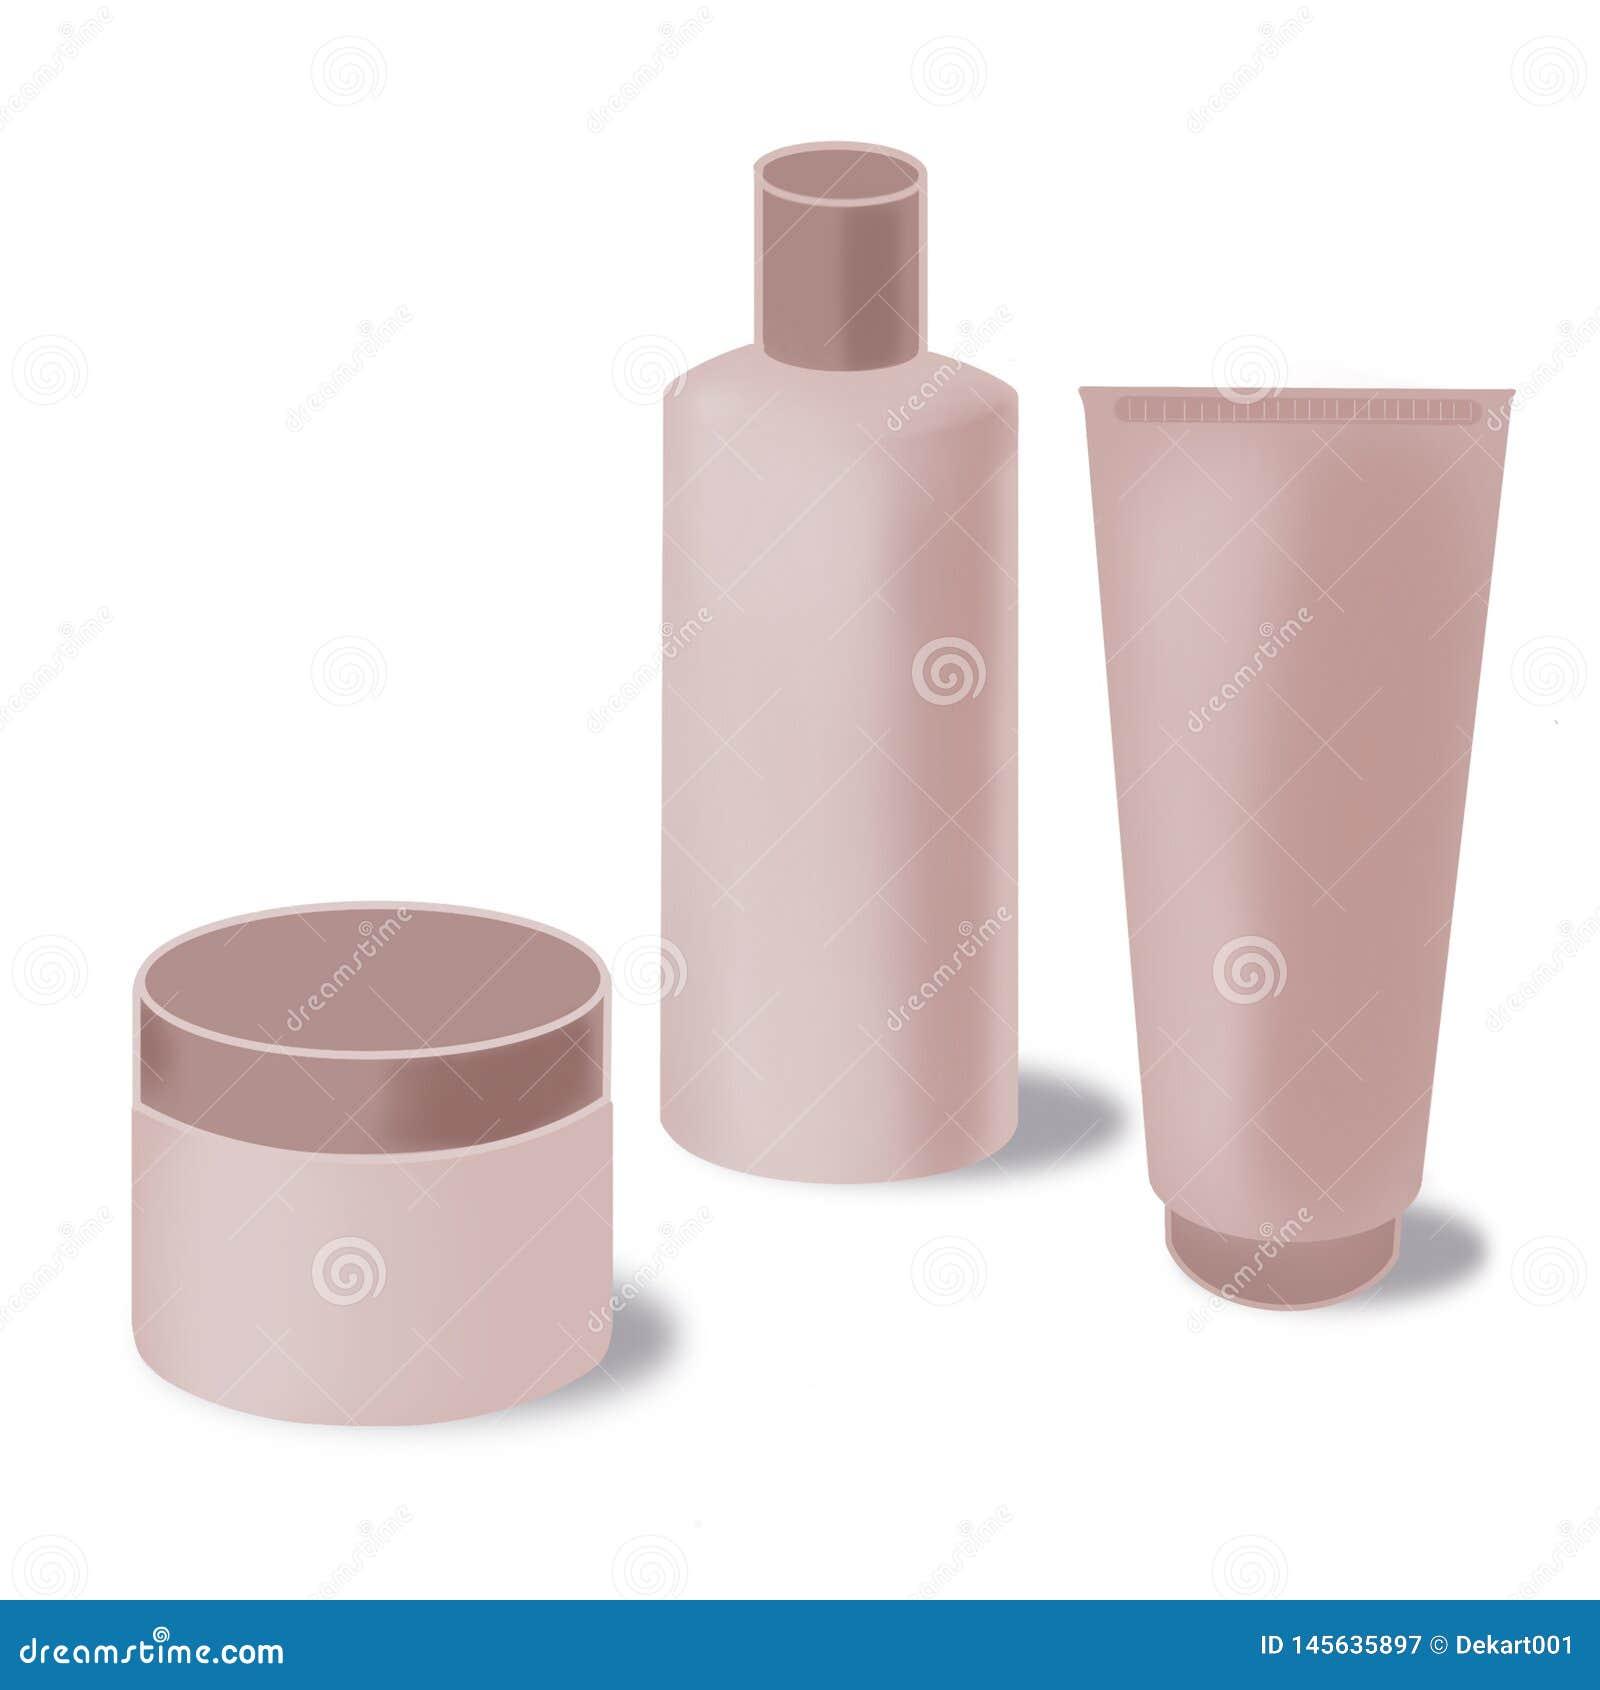 Verpackensatz des leeren Kosmetikproduktes, Sahnerohr, Shampooflasche, Sahnebehälter lokalisiert auf weißem backgorund